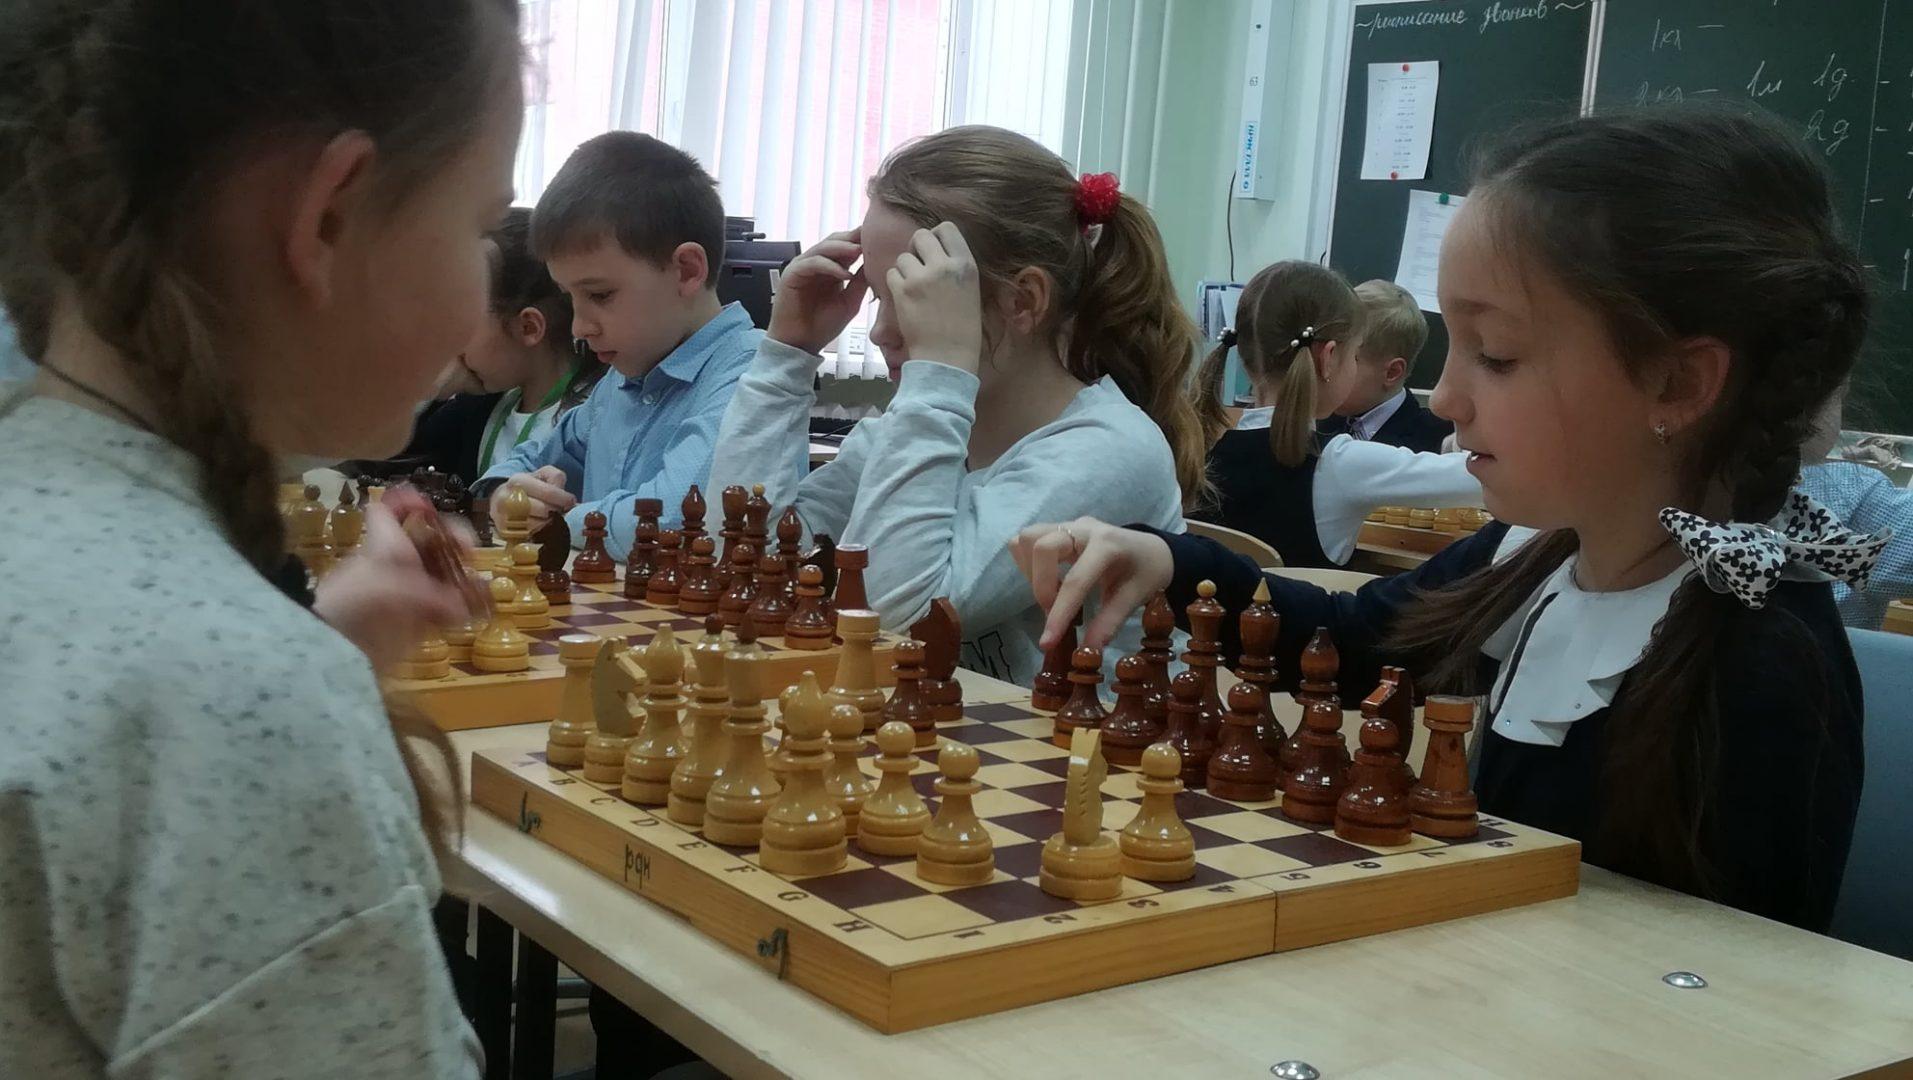 Воспитанники школы №2083 поселения Рязановское приняли участие в турнире по шахматам. Фото предоставили сотрудники администрации